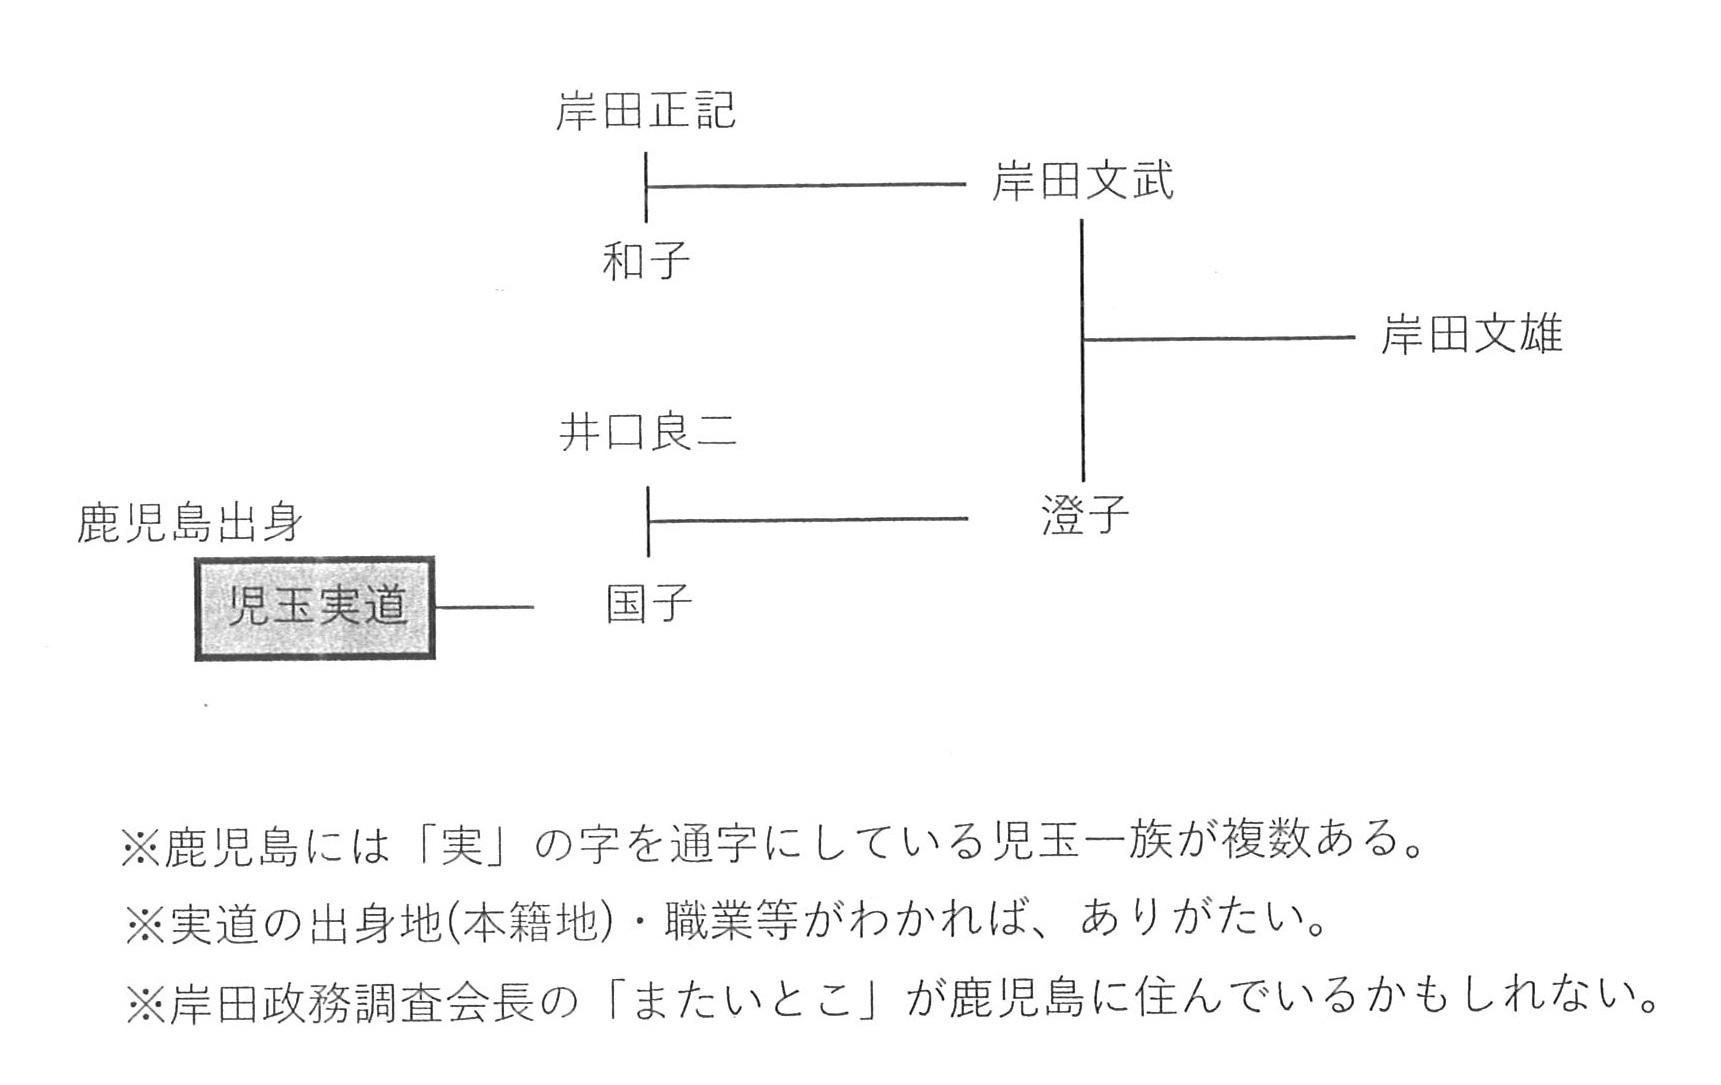 鹿児島の血が流れる岸田文雄氏_b0039825_21185202.jpg